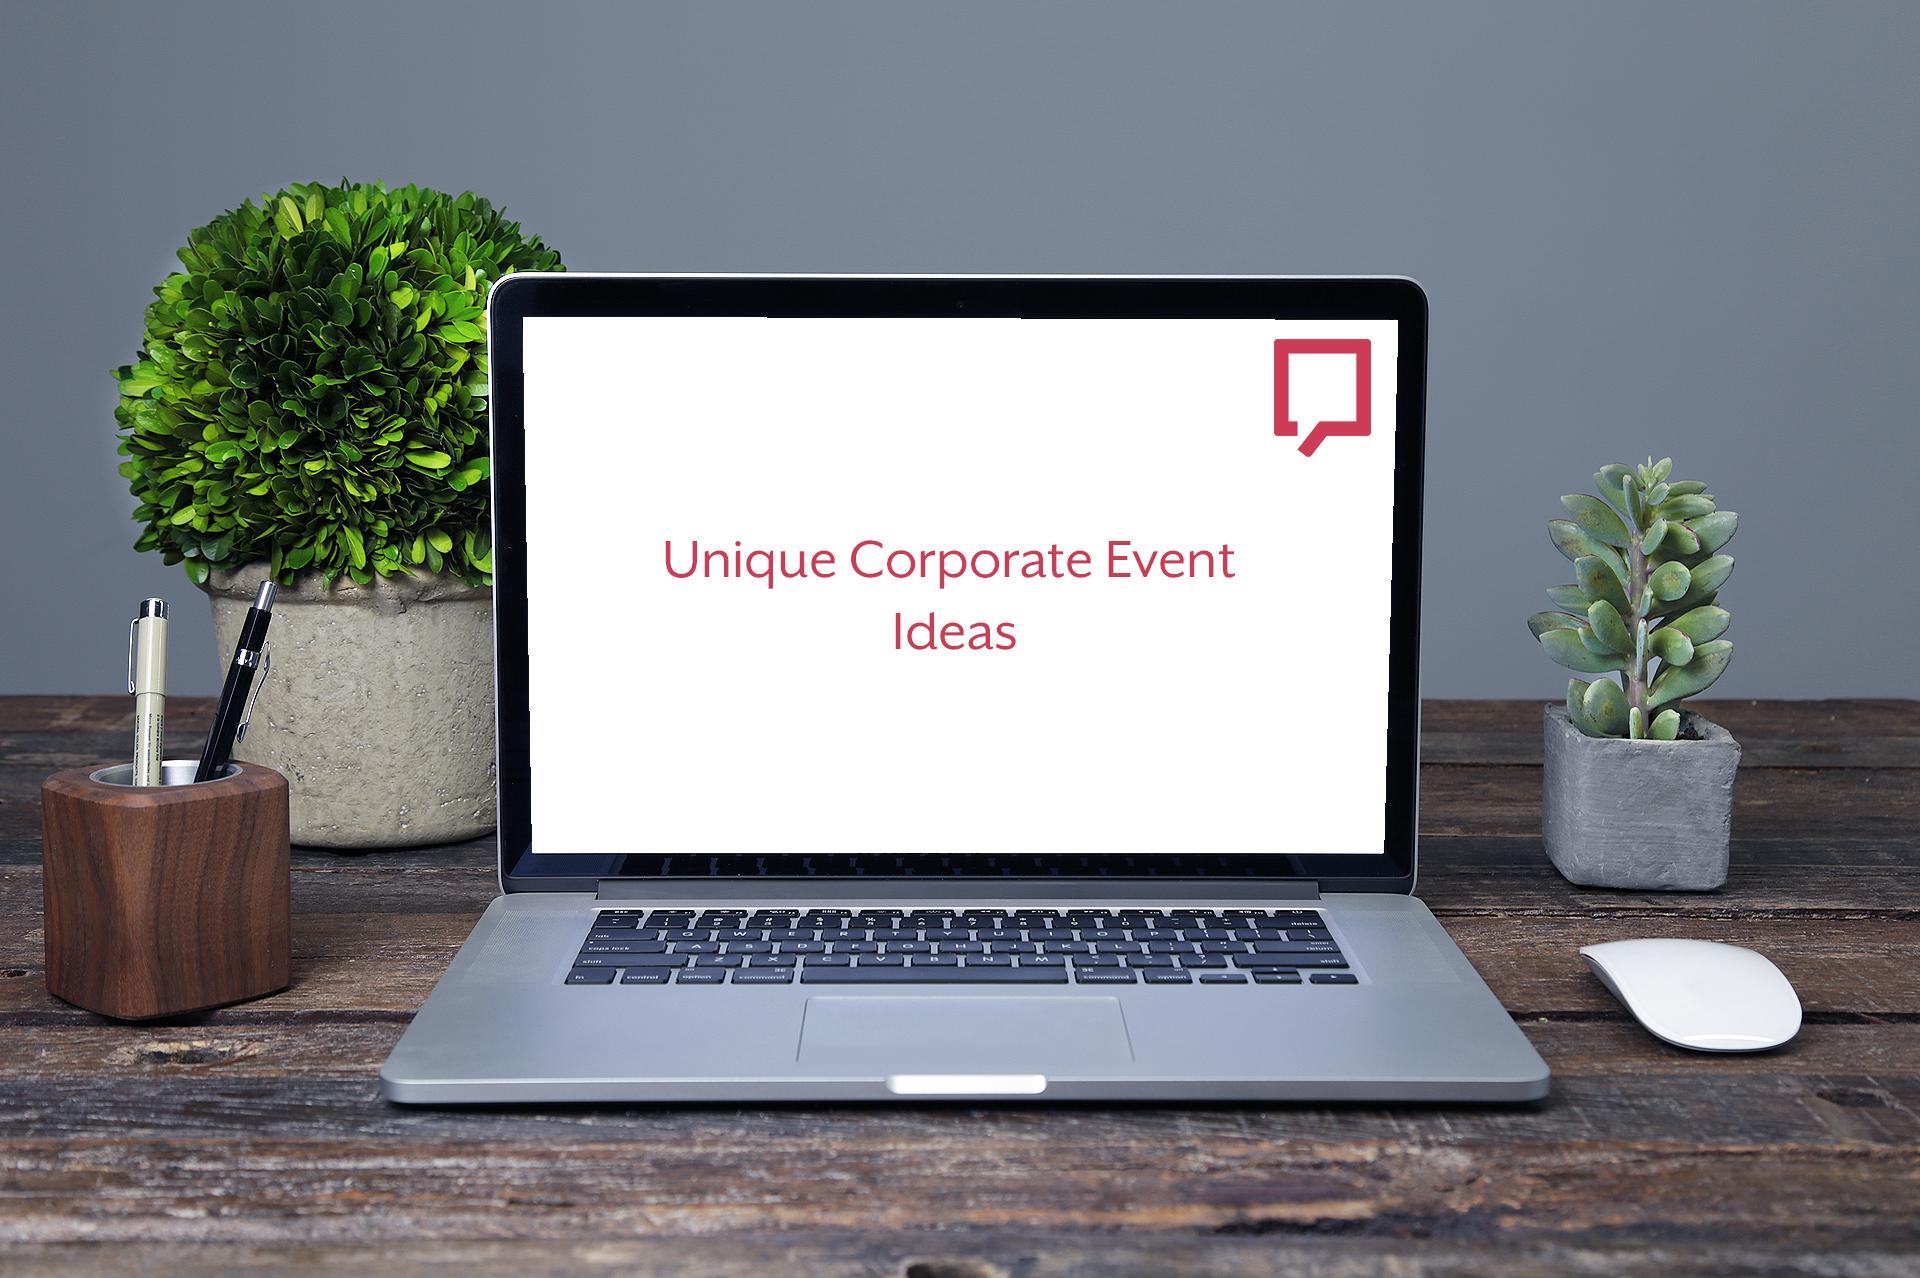 Macbook screen reading 'Unique Corporate Event Ideas'